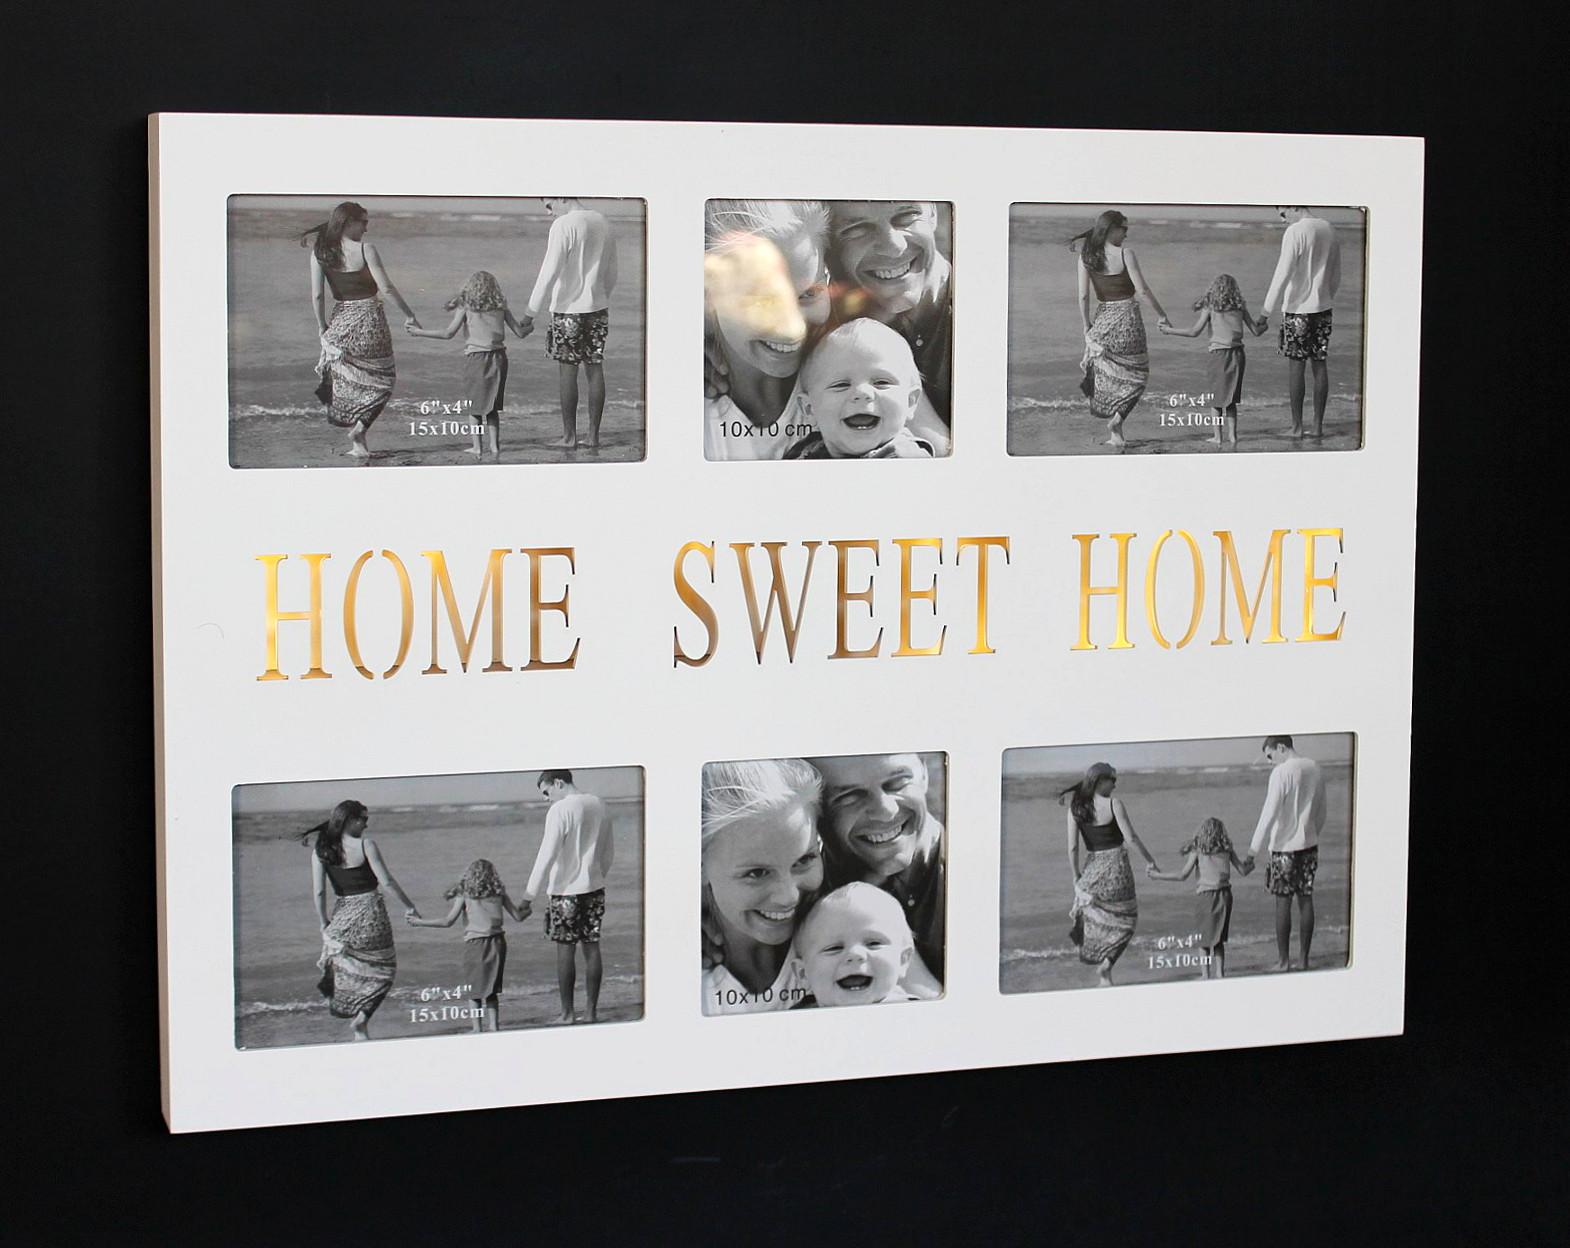 Fotorahmen Home Sweet Home - wunderschöne Zimmerdekoration. Aus MDF ...